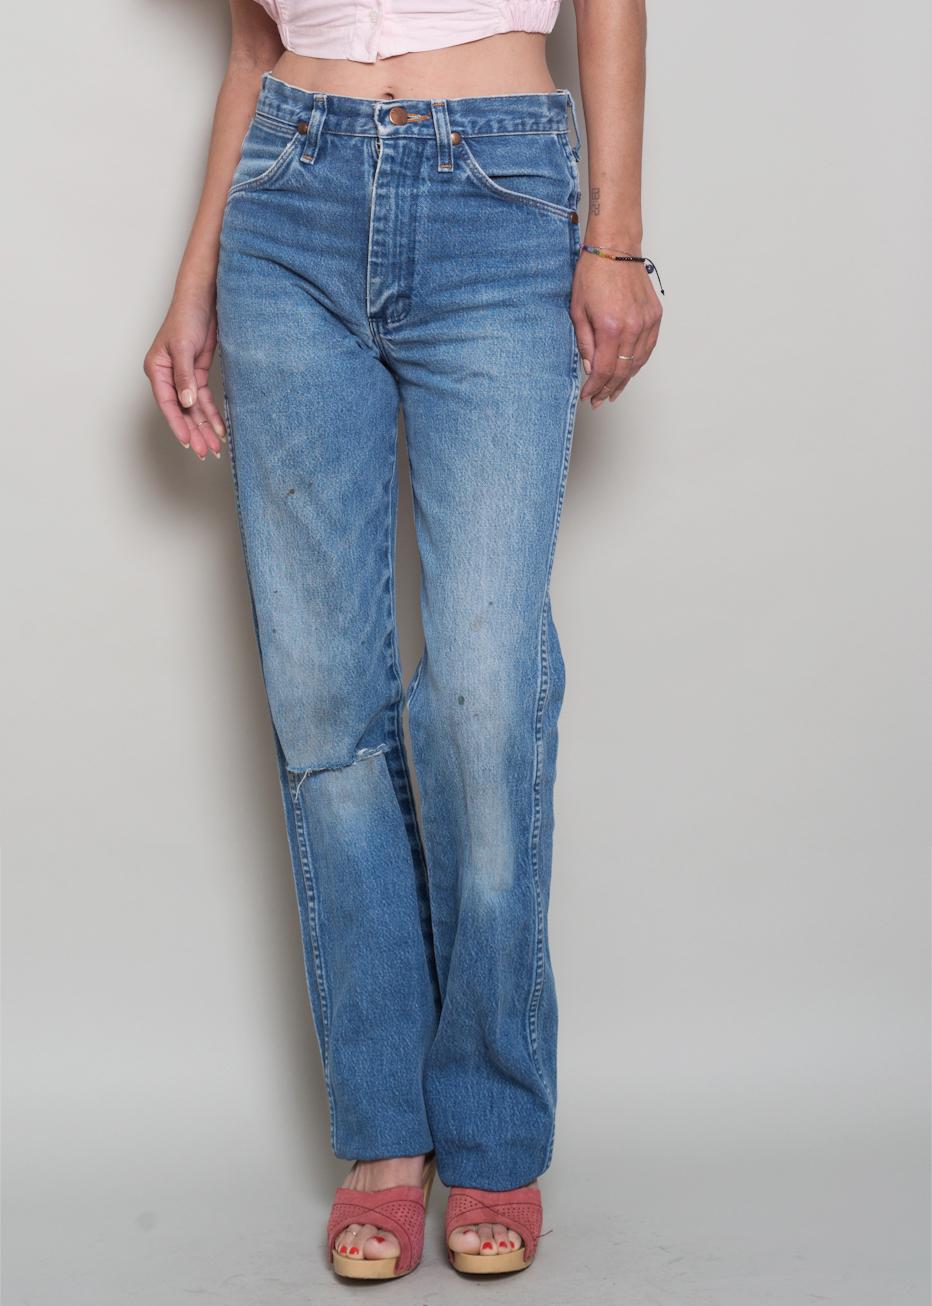 42ddaf0d 1980s// Perfectly Worn WRANGLER High Waist Denim Boyfriend Jeans// 28